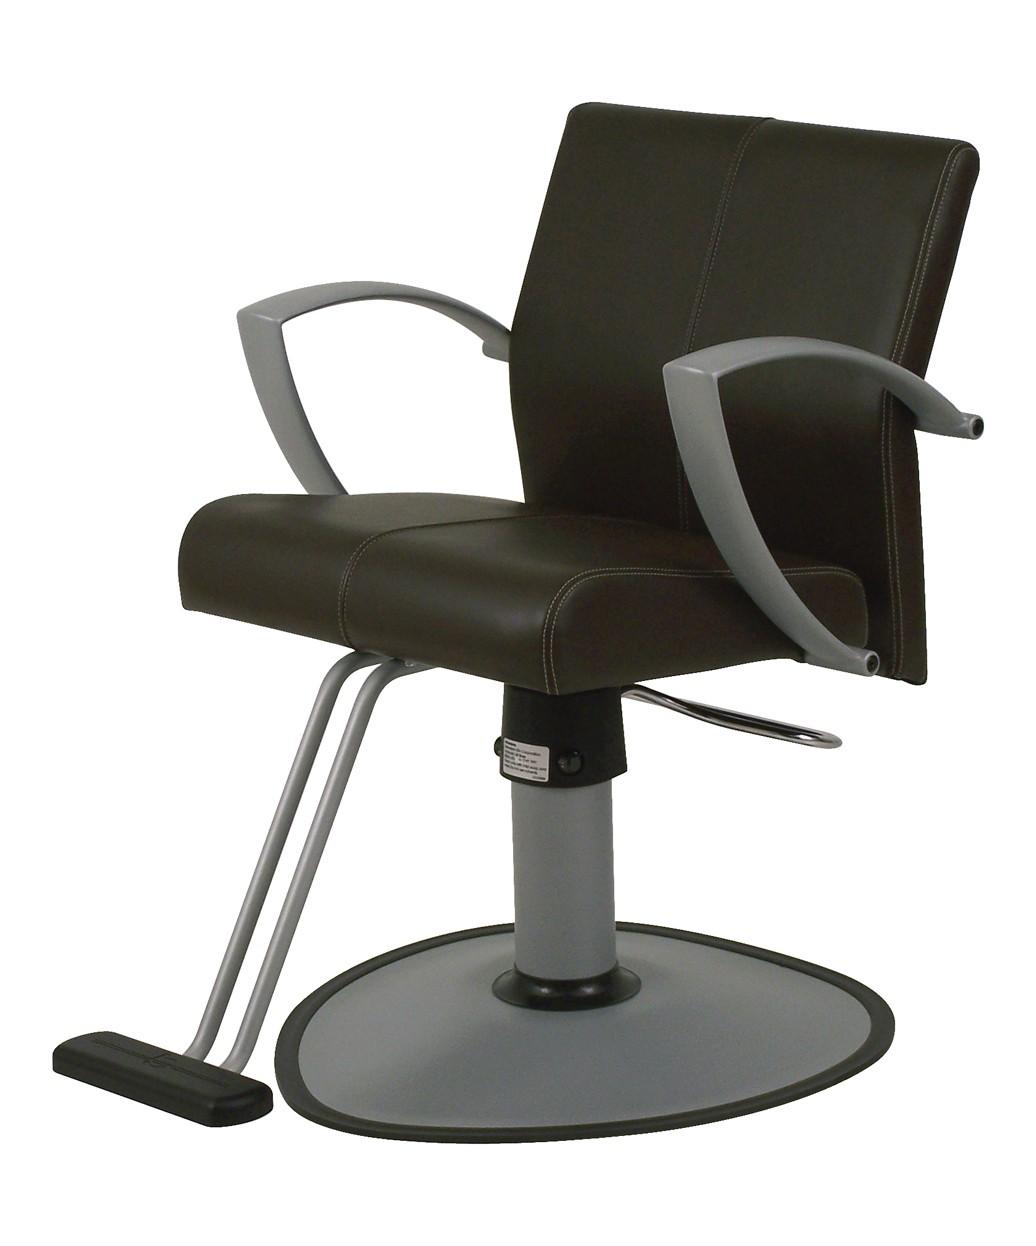 Belvedere KT12A Kallista Styling Chair – Belvedere Styling Chairs